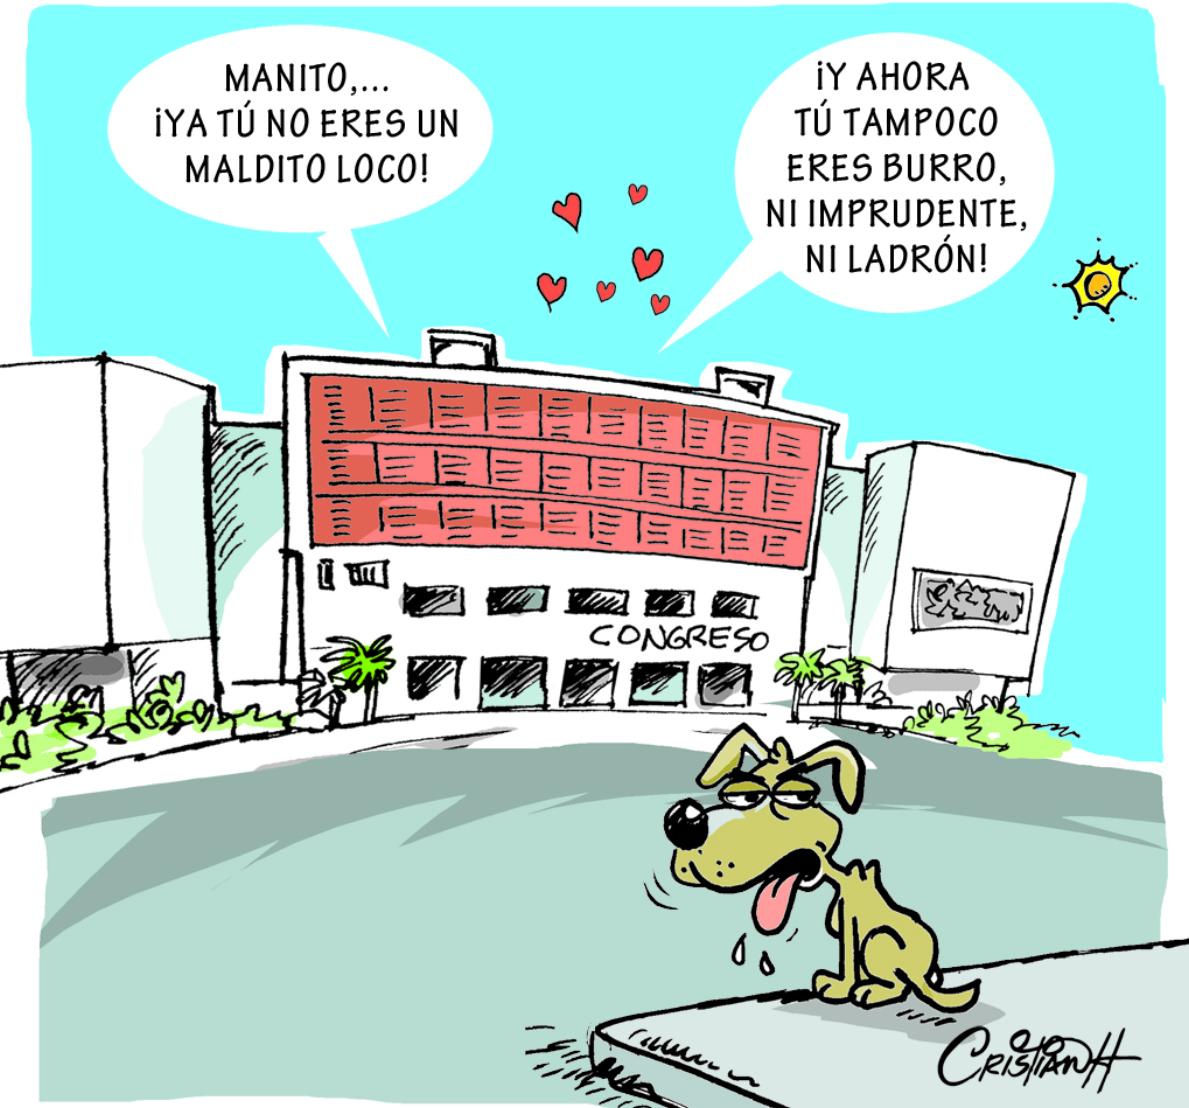 Caricatura Cristian Caricaturas – El Día, 26 de Octubre 2018